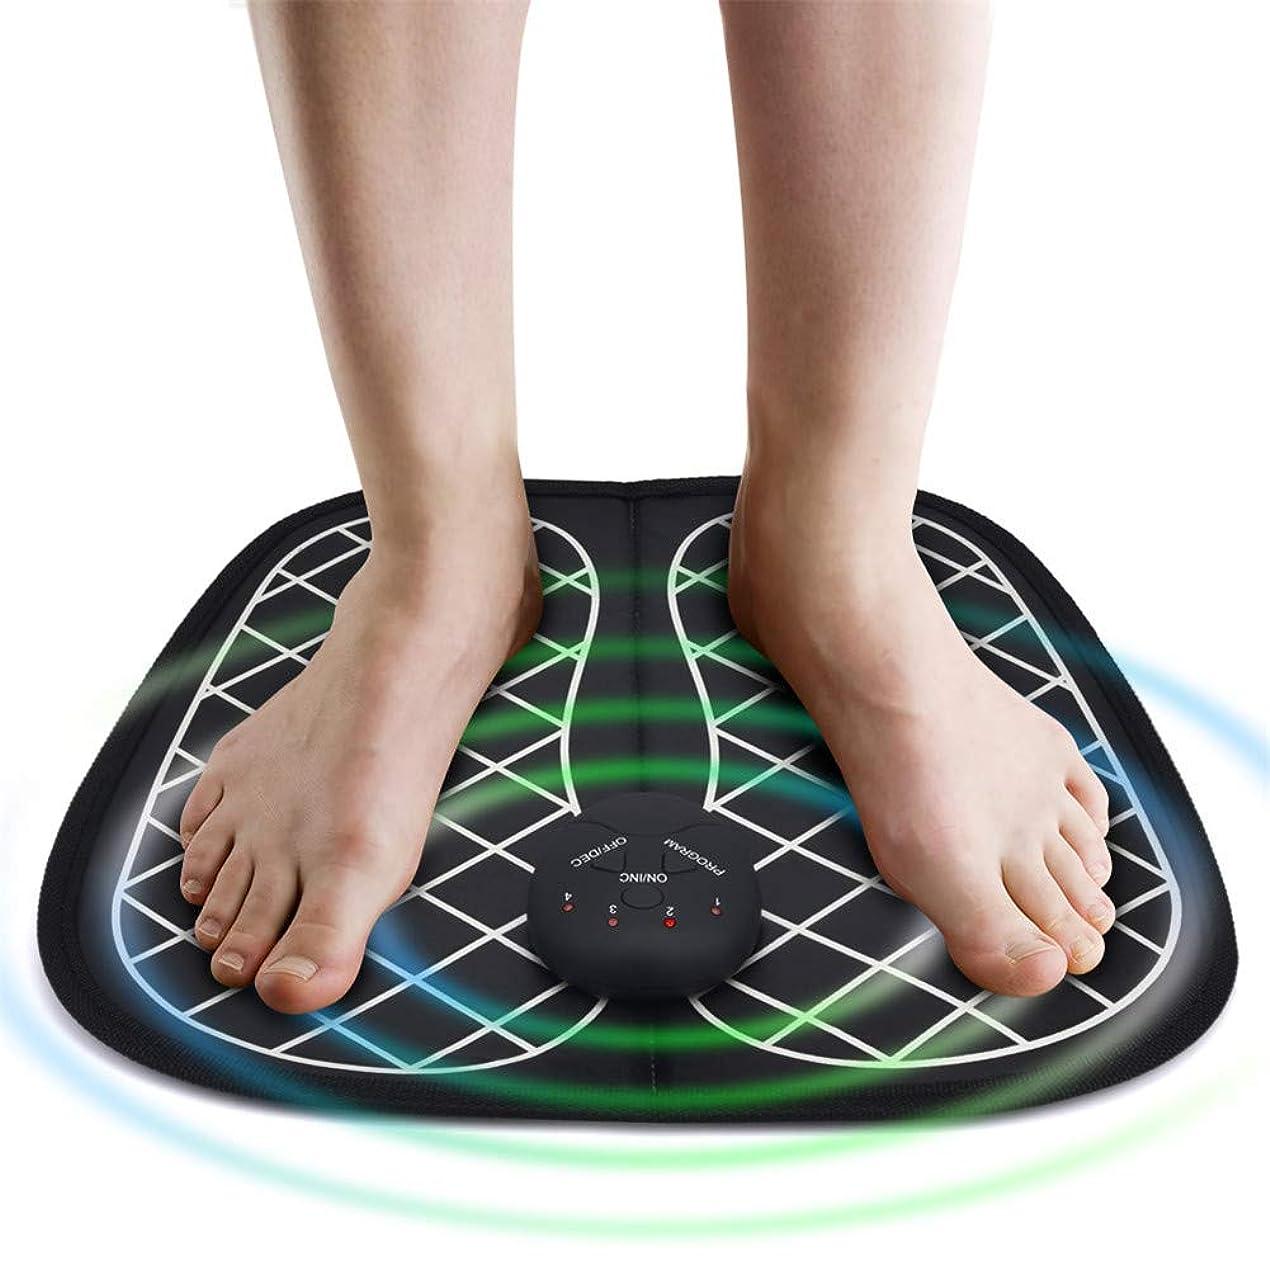 まさに暫定レビュー電気フットマッサージャーEMS Abs理学療法若返りフットセラピー多数のワイヤレスフットマッサージャー筋肉刺激装置ユニセックス